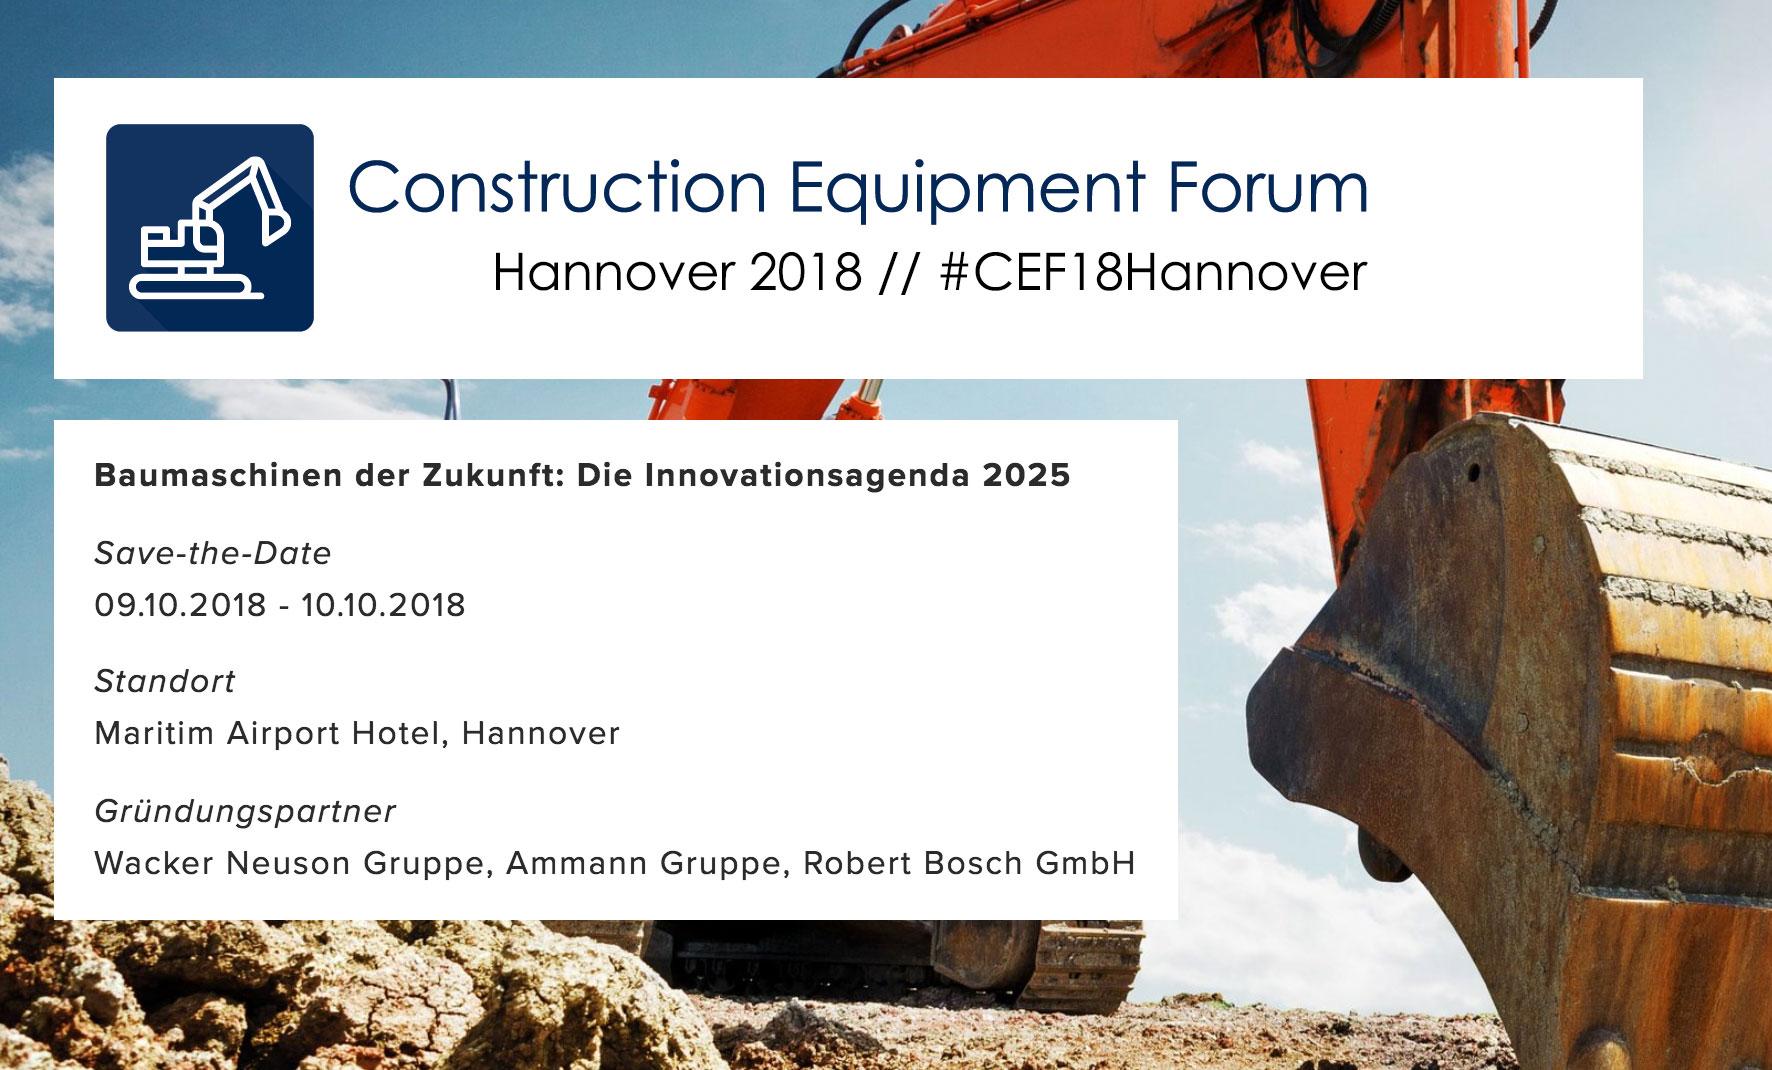 Allgemeine Bauzeitung ist Medienpartner des Construction Equipment Forum 2018